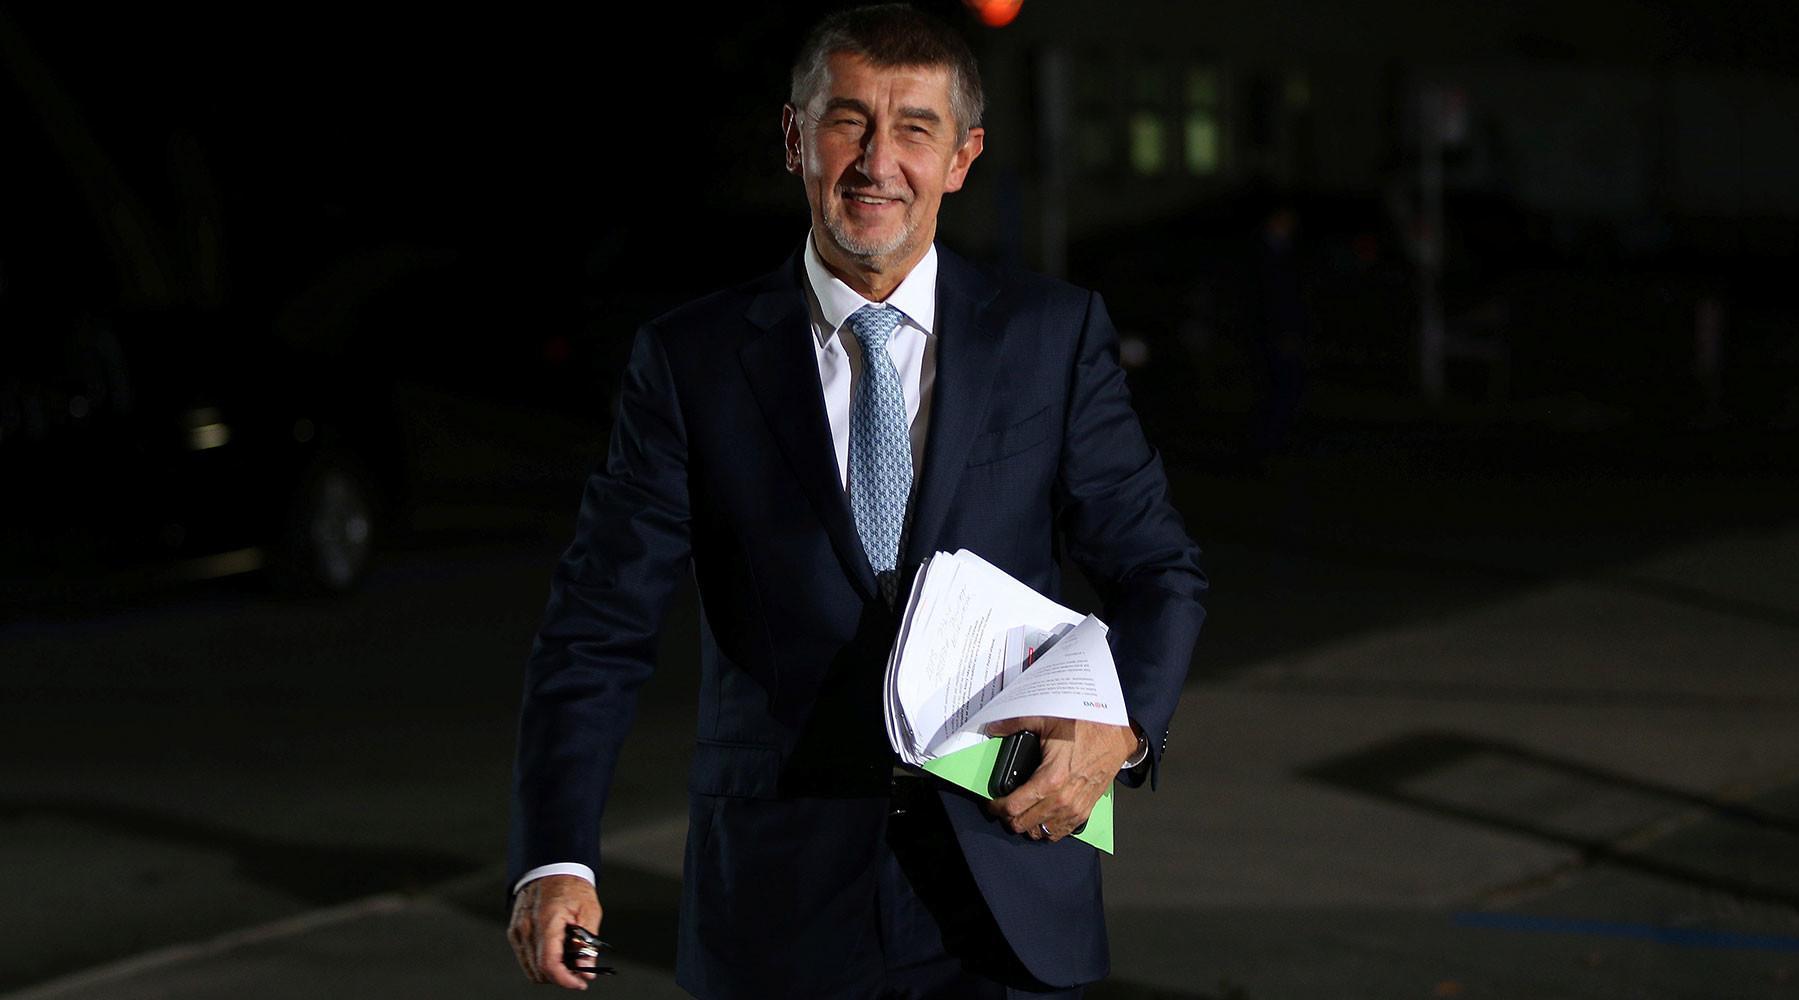 Напарламентских выборах вЧехии победило правое движение АNO